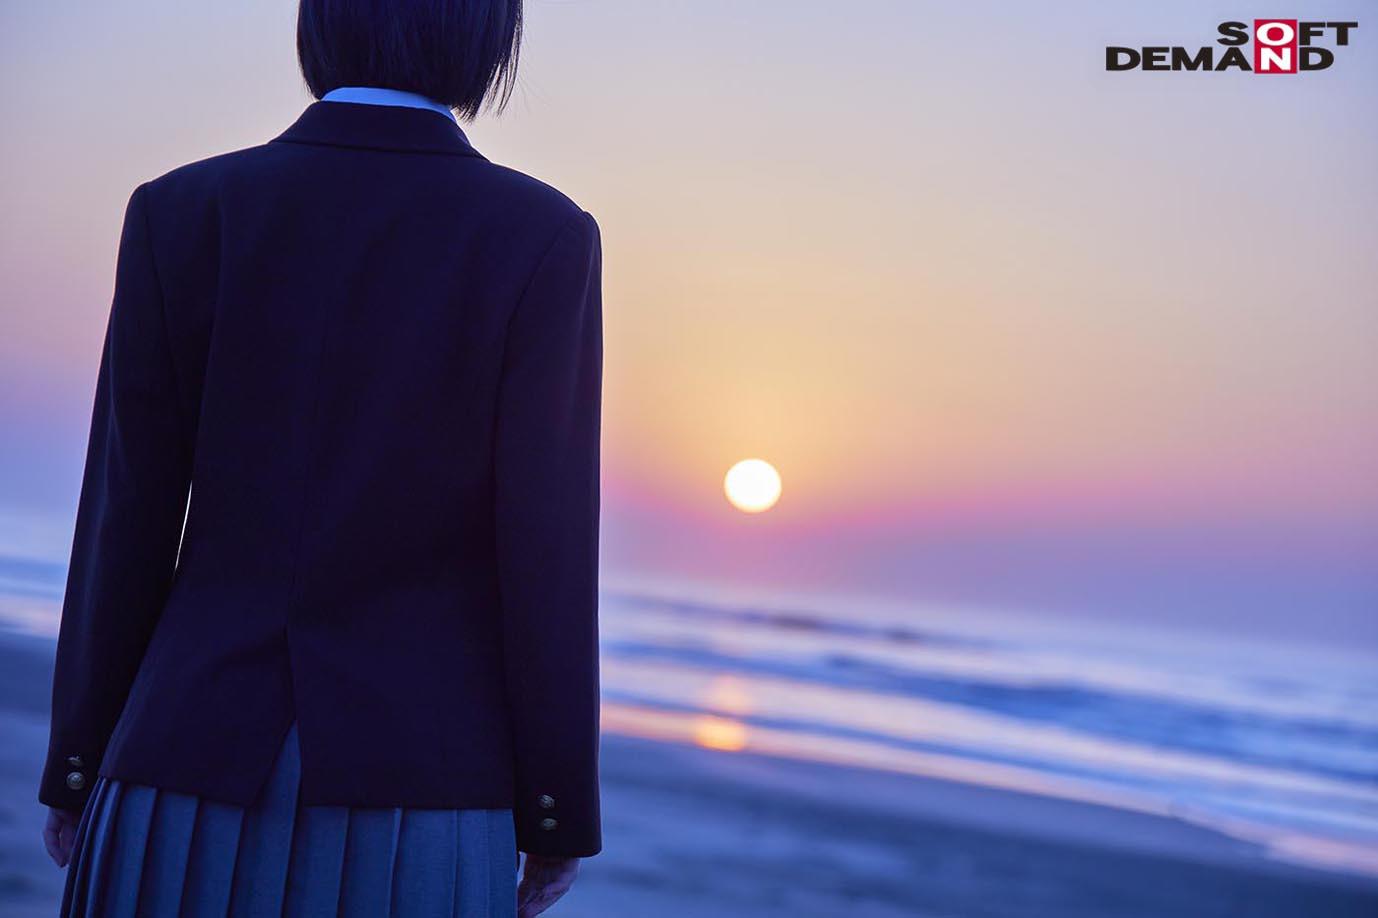 未成熟なカラダ、あやうい美少女 18歳 SOD専属AVデビュー 桃乃りん 画像6